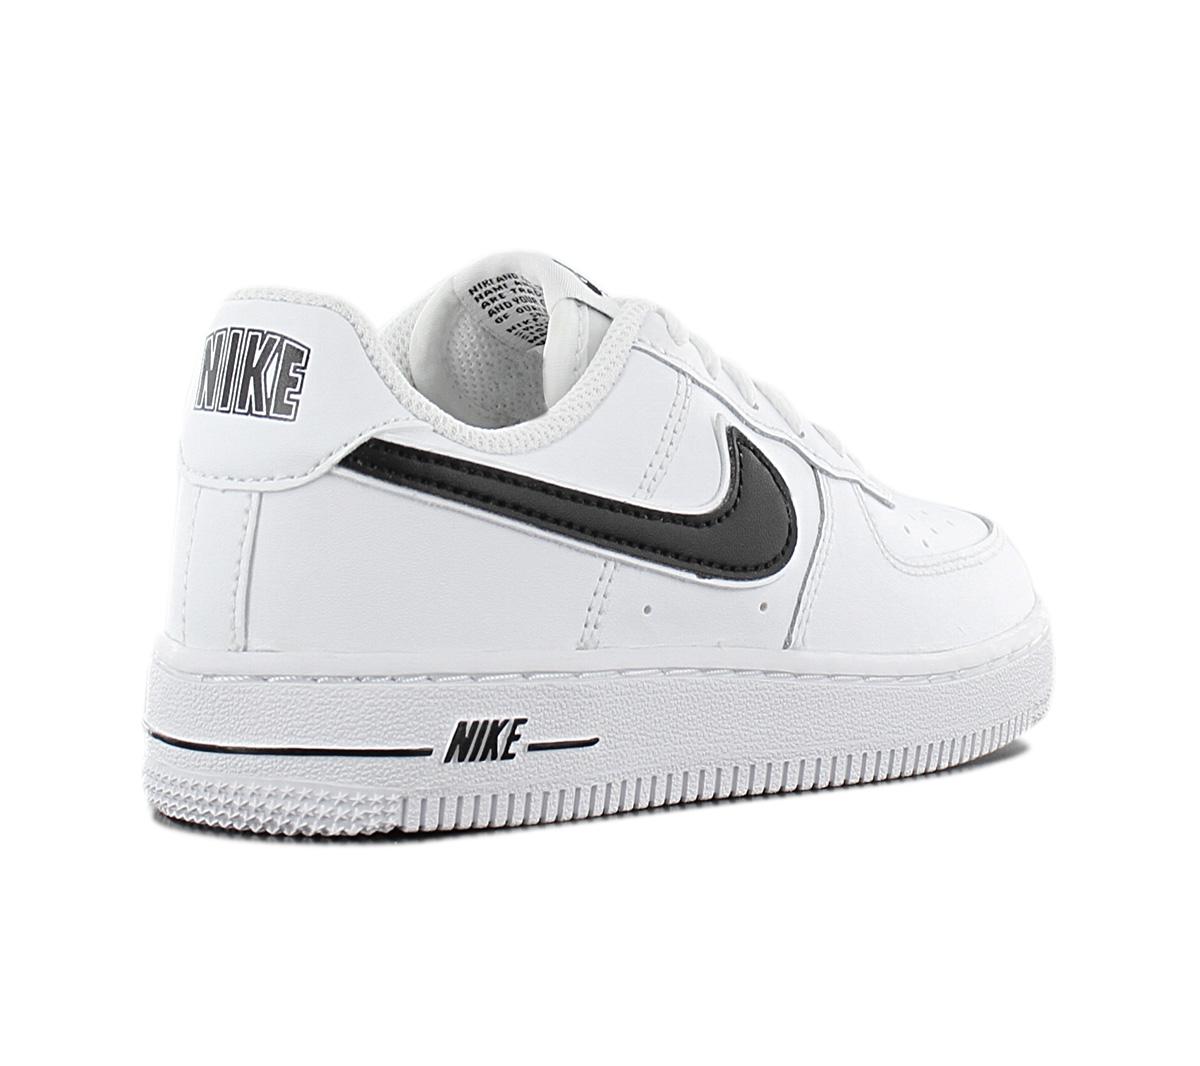 Sneakers Nike Air Force 1 82 Ocean BlueRed | Facebook